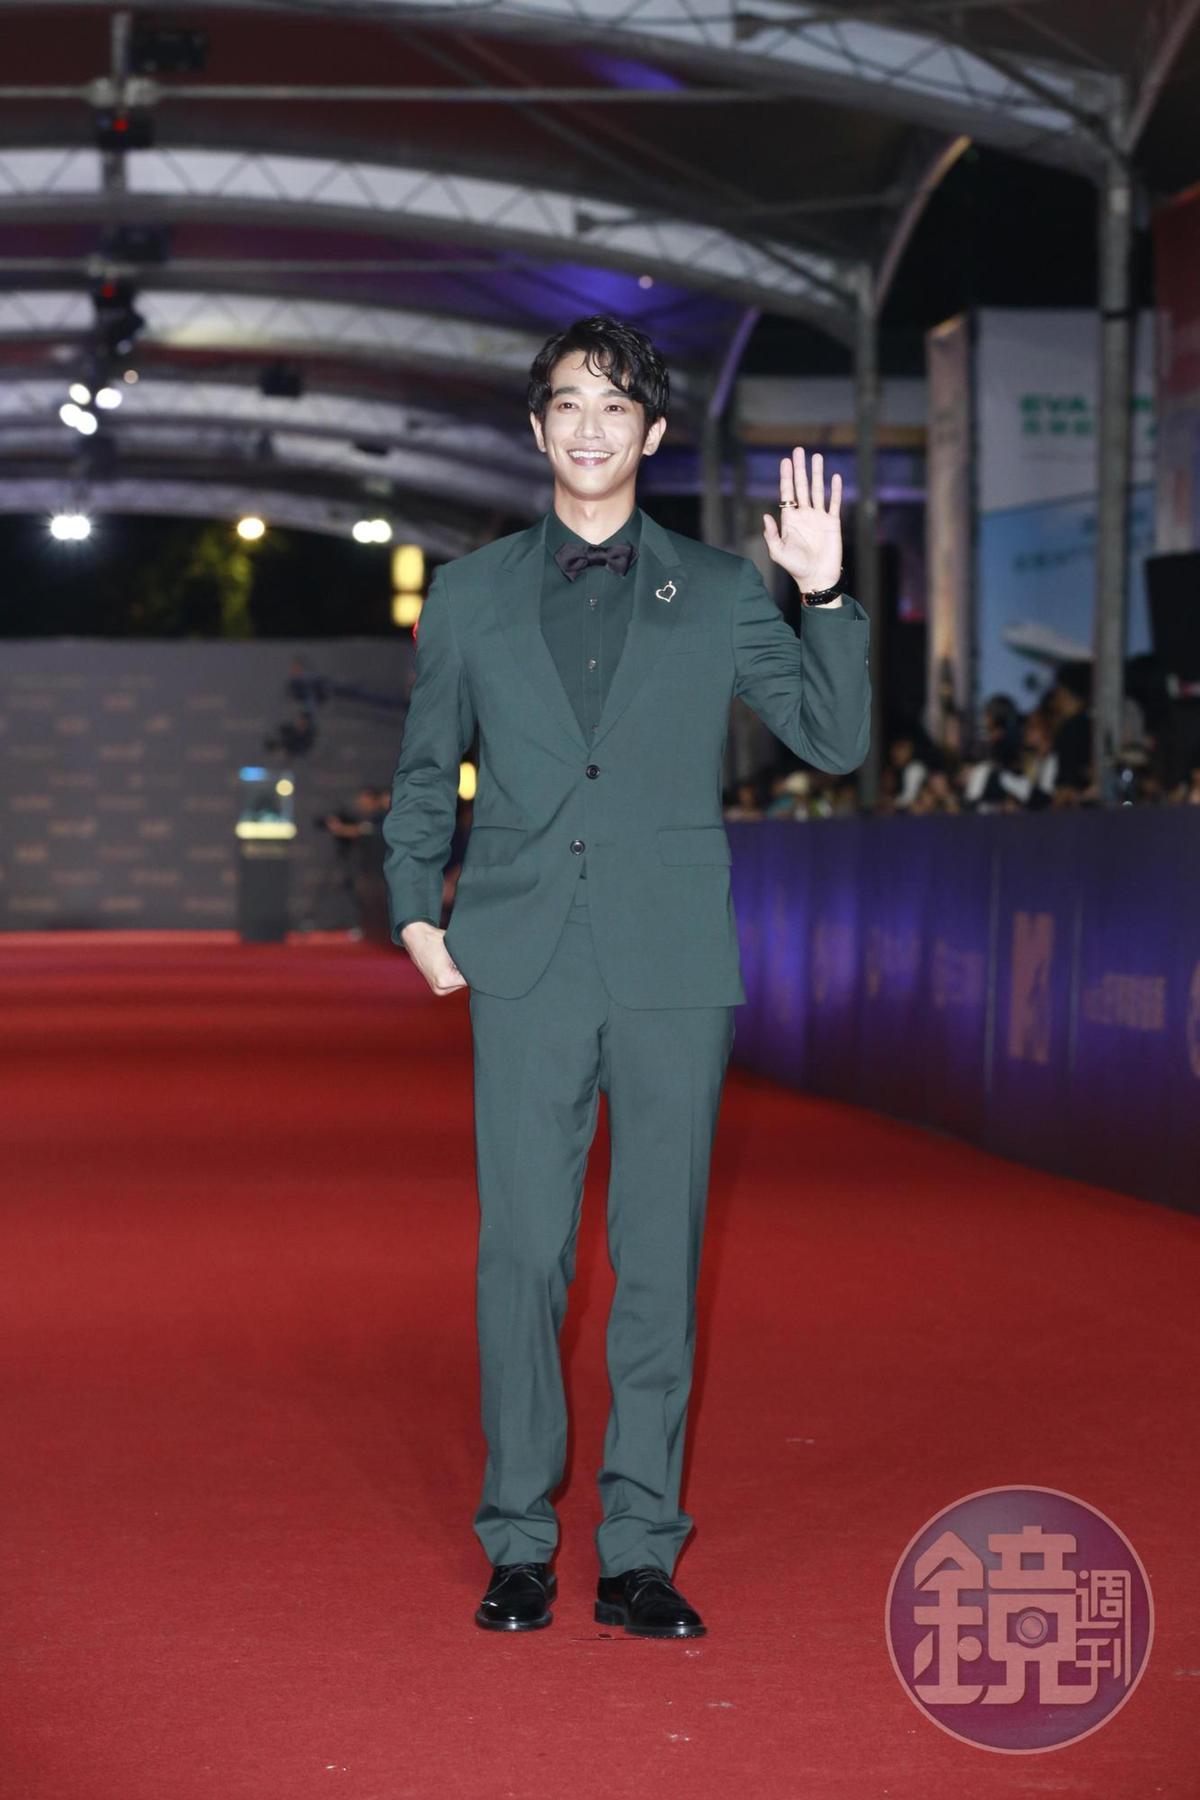 劉以豪穿上最流行的夜幕綠,帥氣度不輸韓星。